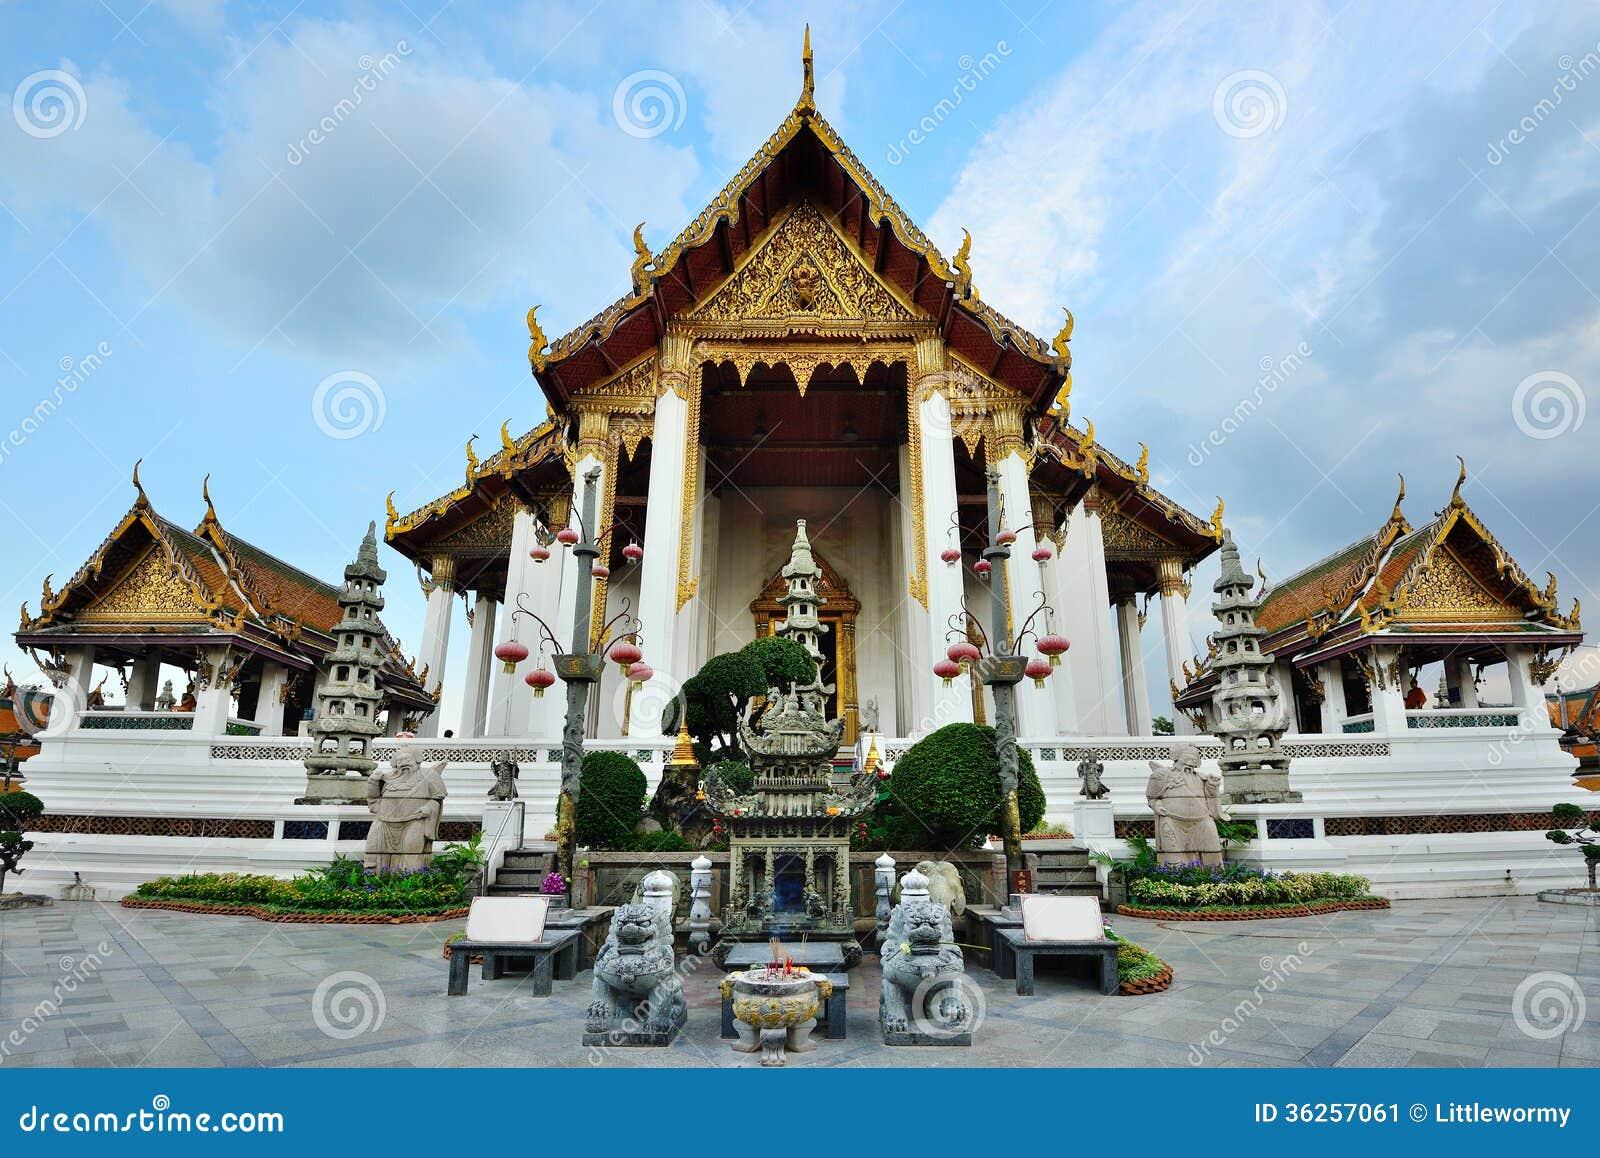 Wat Suthat Or Wat Suthat Thep Wararam, Bangkok,Thailand. Stock Image - Image:...